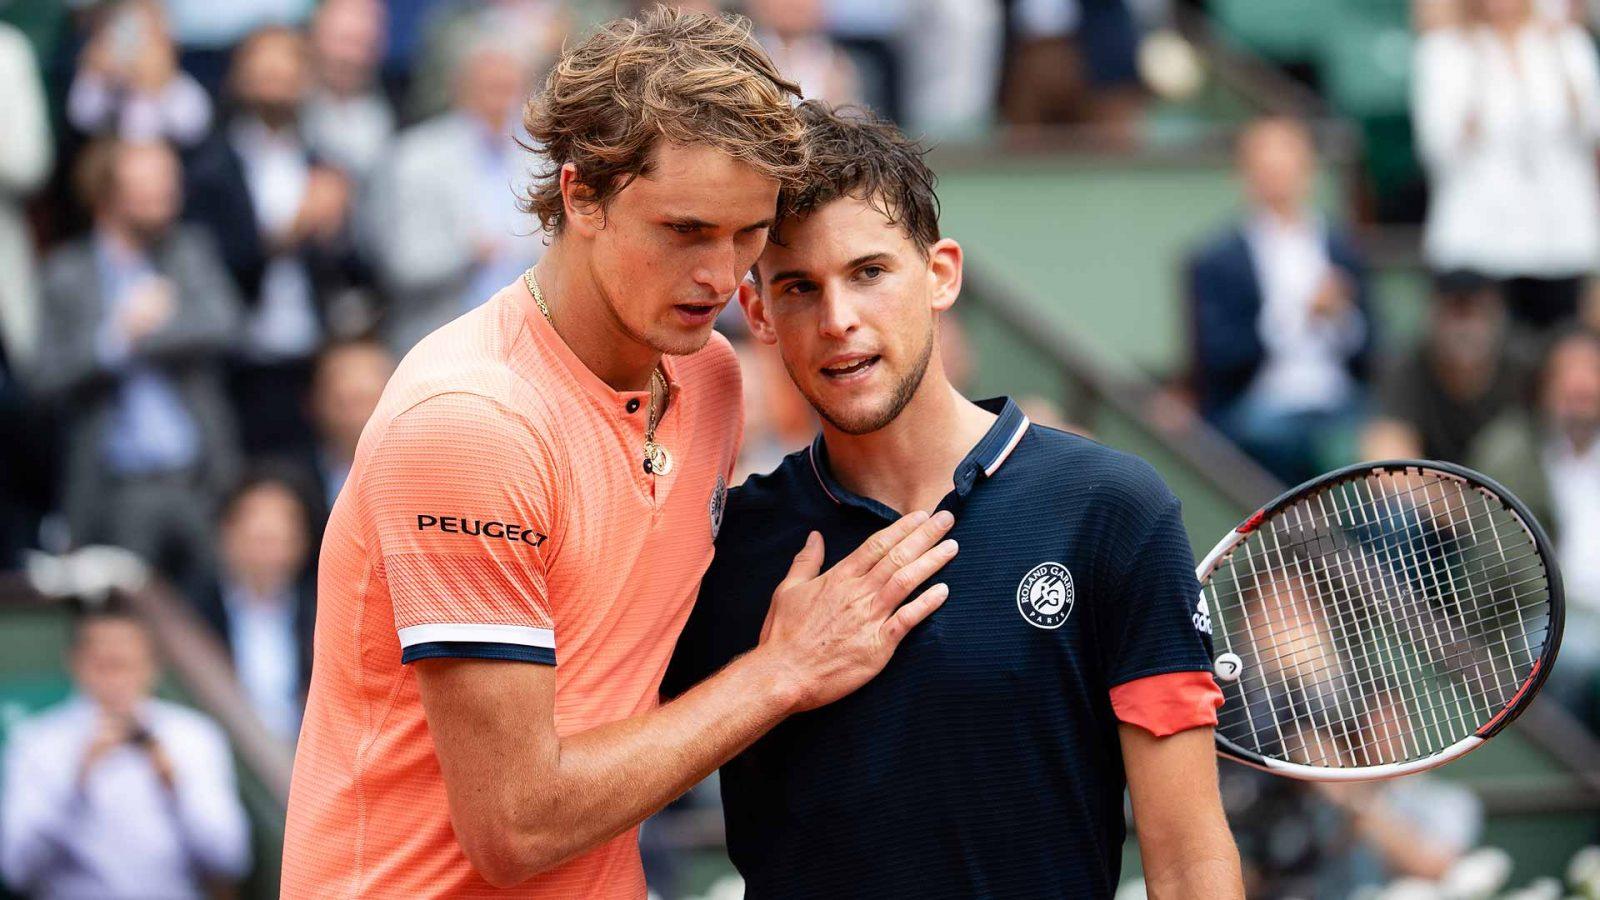 AO VIVO: Dominic Thiem e Alexander Zverev fazem semifinal Masters de Madri